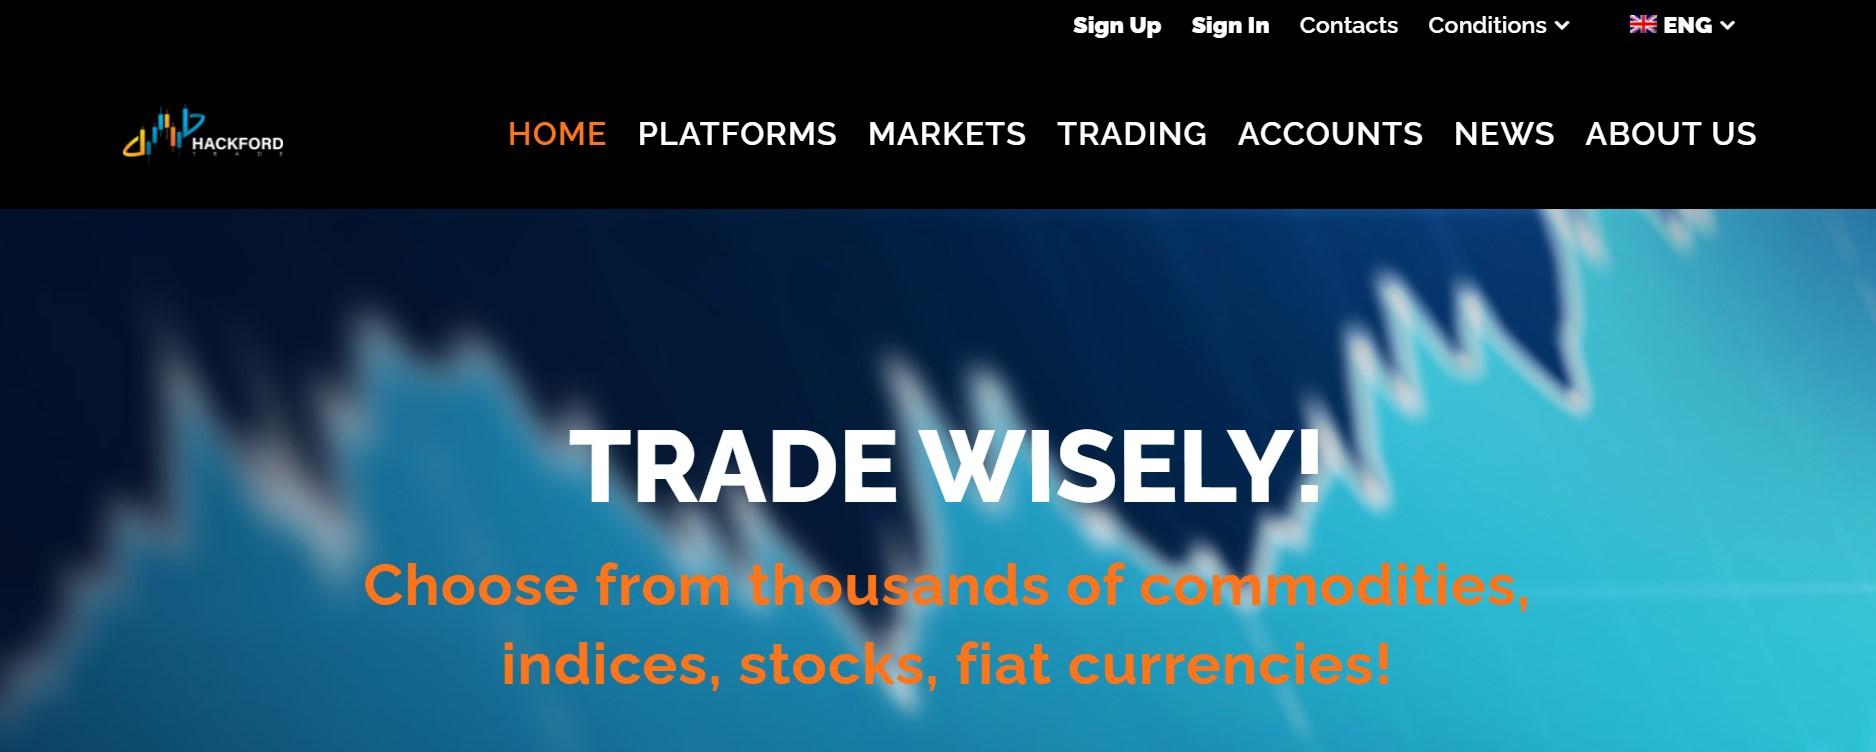 Hackford-Trade website